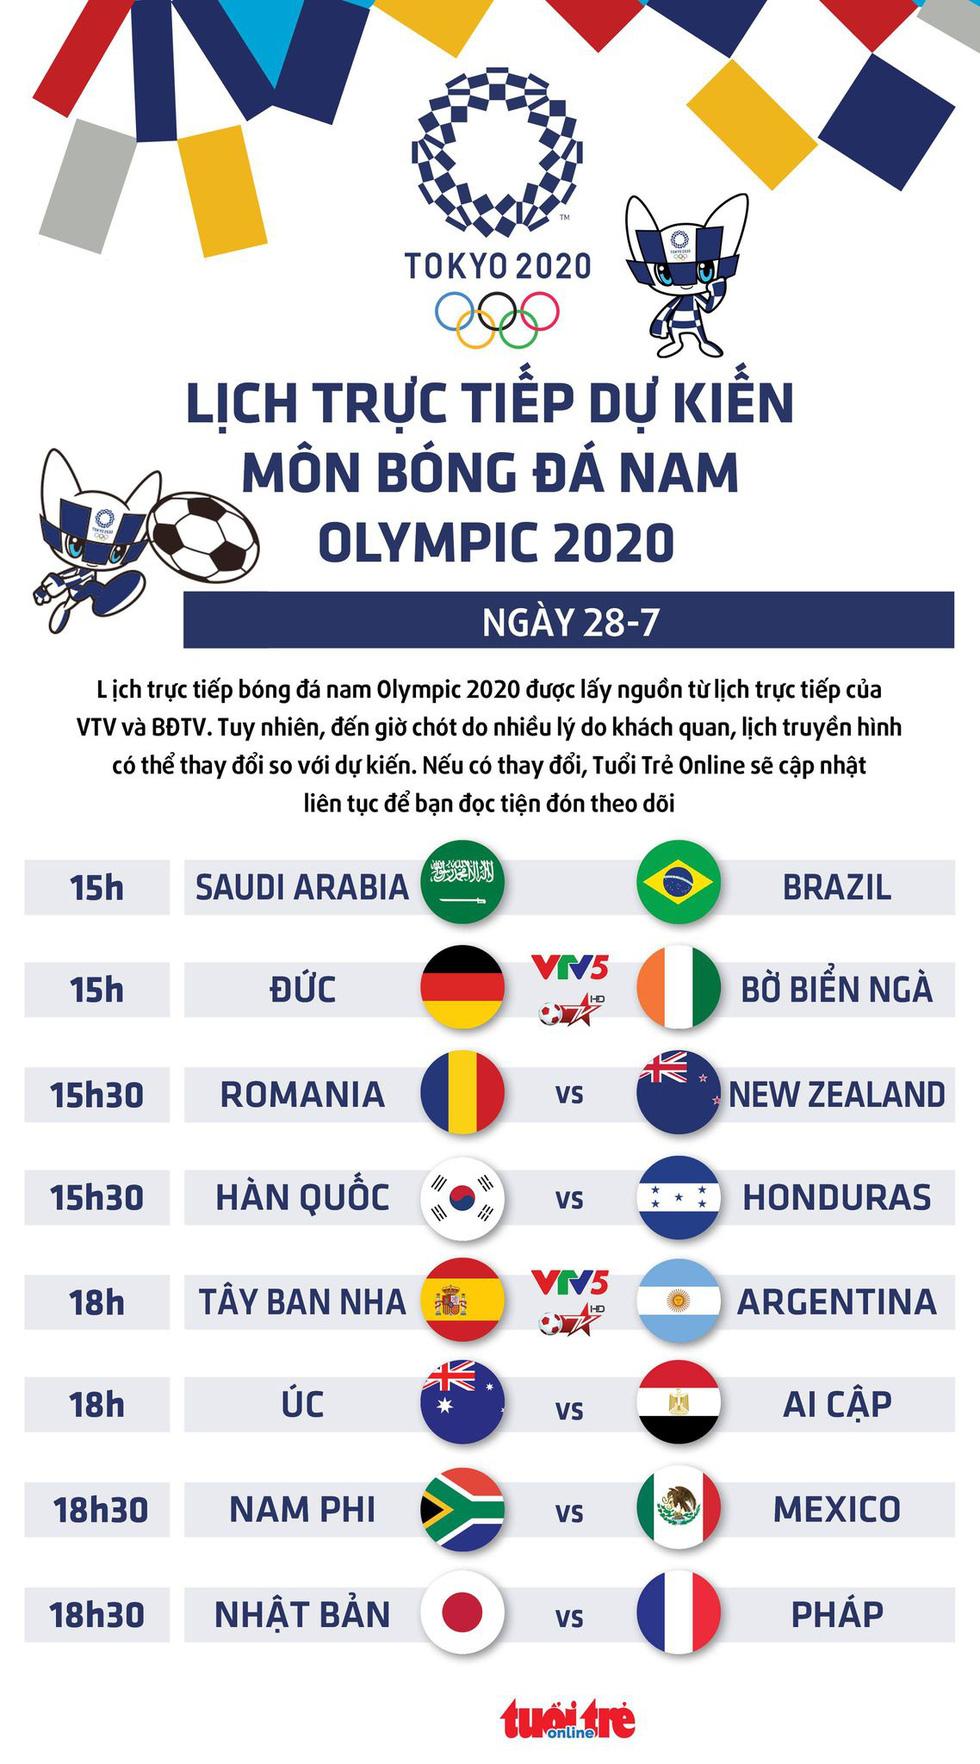 Lịch trực tiếp dự kiến bóng đá nam Olympic 2020 trên VTV: Tây Ban Nha - Argentina, Đức - Bờ Biển Ngà - Ảnh 1.